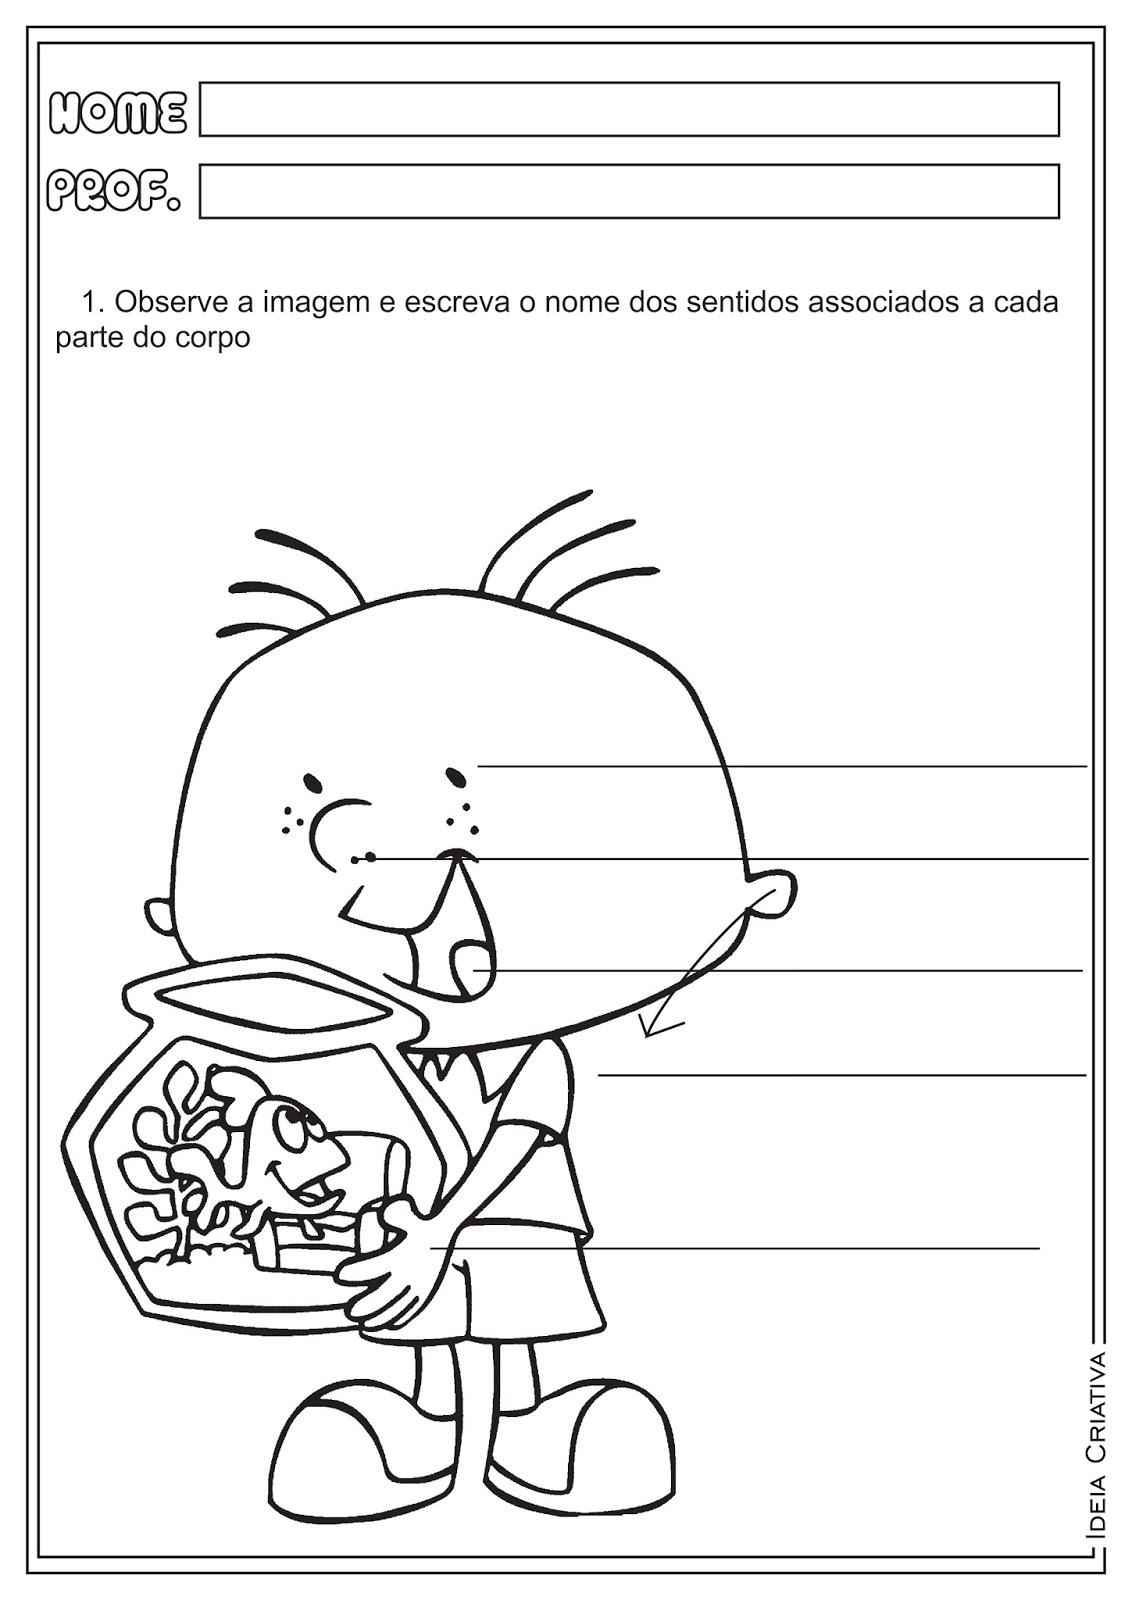 atividades-ciencias-orgaos-do-sentido-ciencias-naturais-ideia-criativa-ensino-fundamental (2)